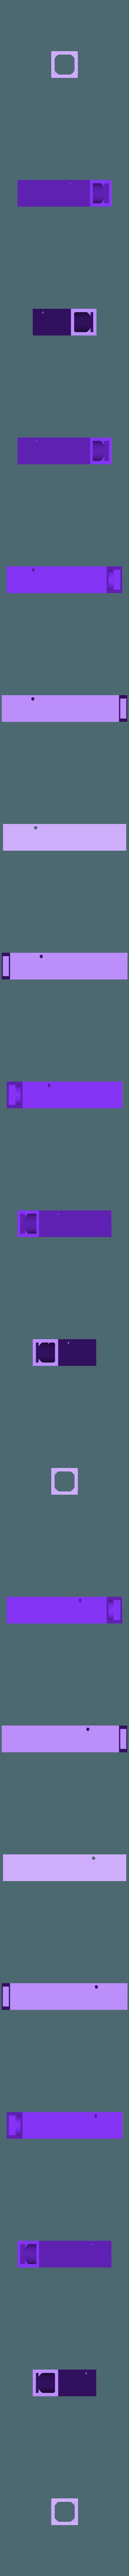 Base_Center.stl Télécharger fichier STL gratuit Santa Whirligig • Objet pour imprimante 3D, Sparky6548